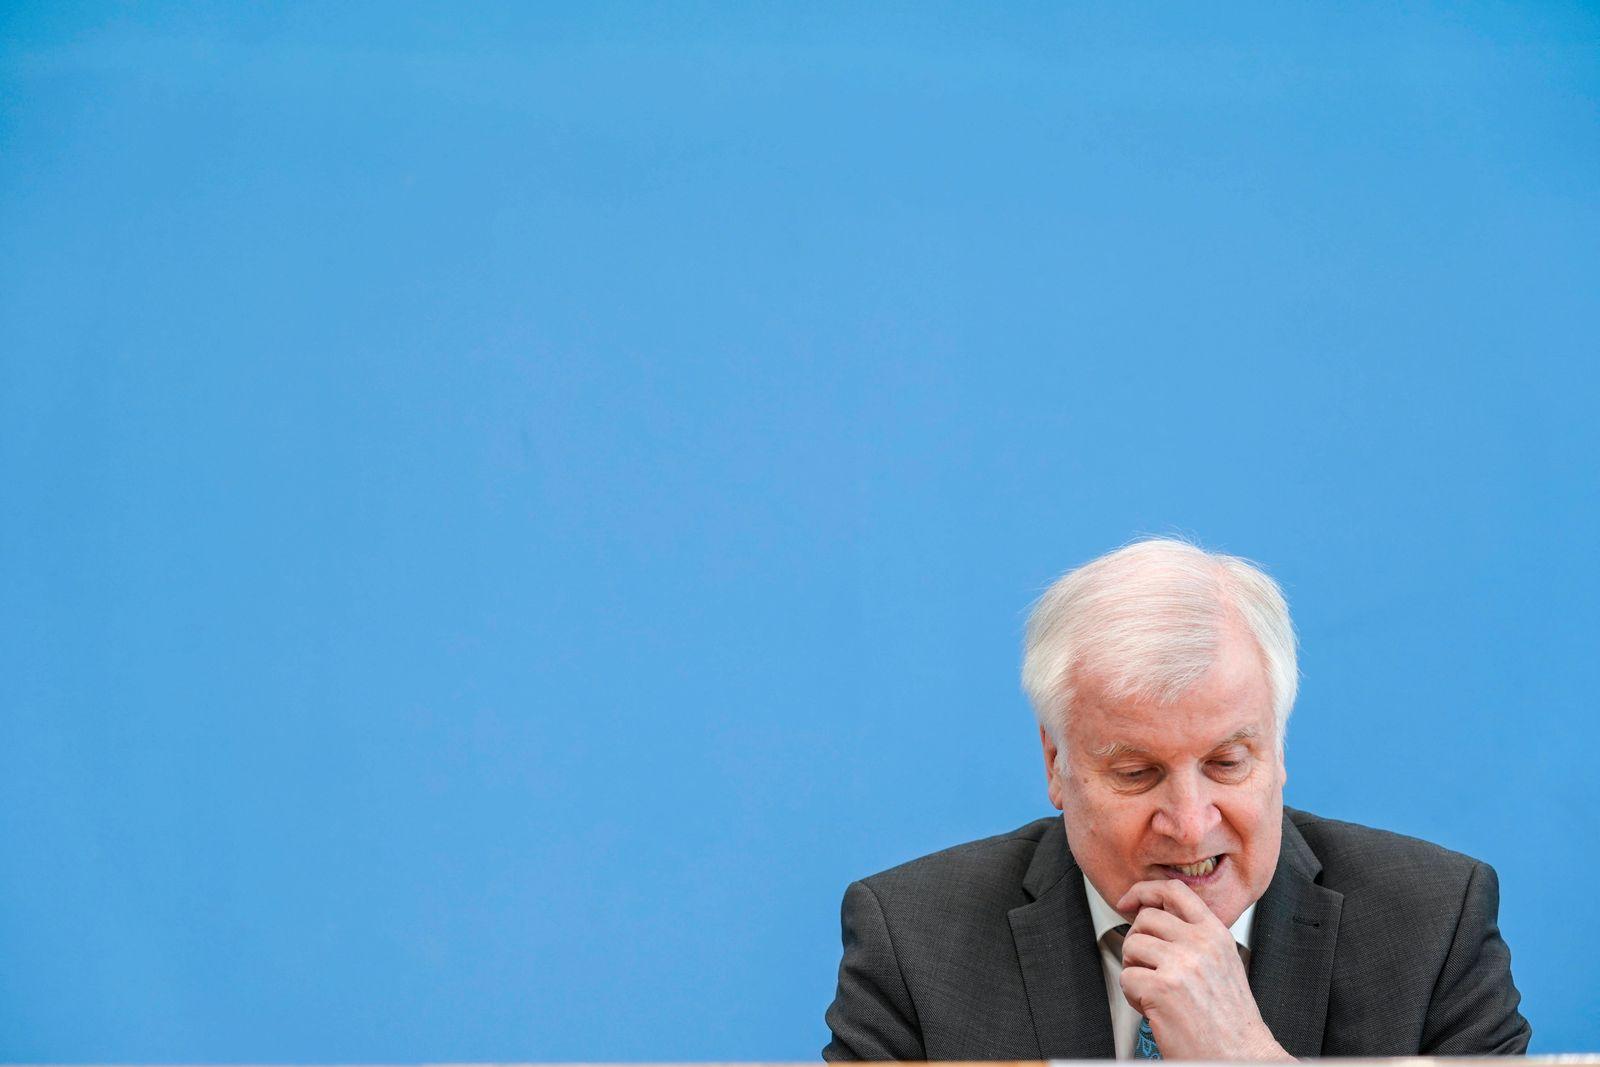 News Bilder des Tages Vorstellung Fallzahlen Politische Motivierte Kriminalitaet 2020 Aktuell,04.05.2021,Berlin,Horst Se